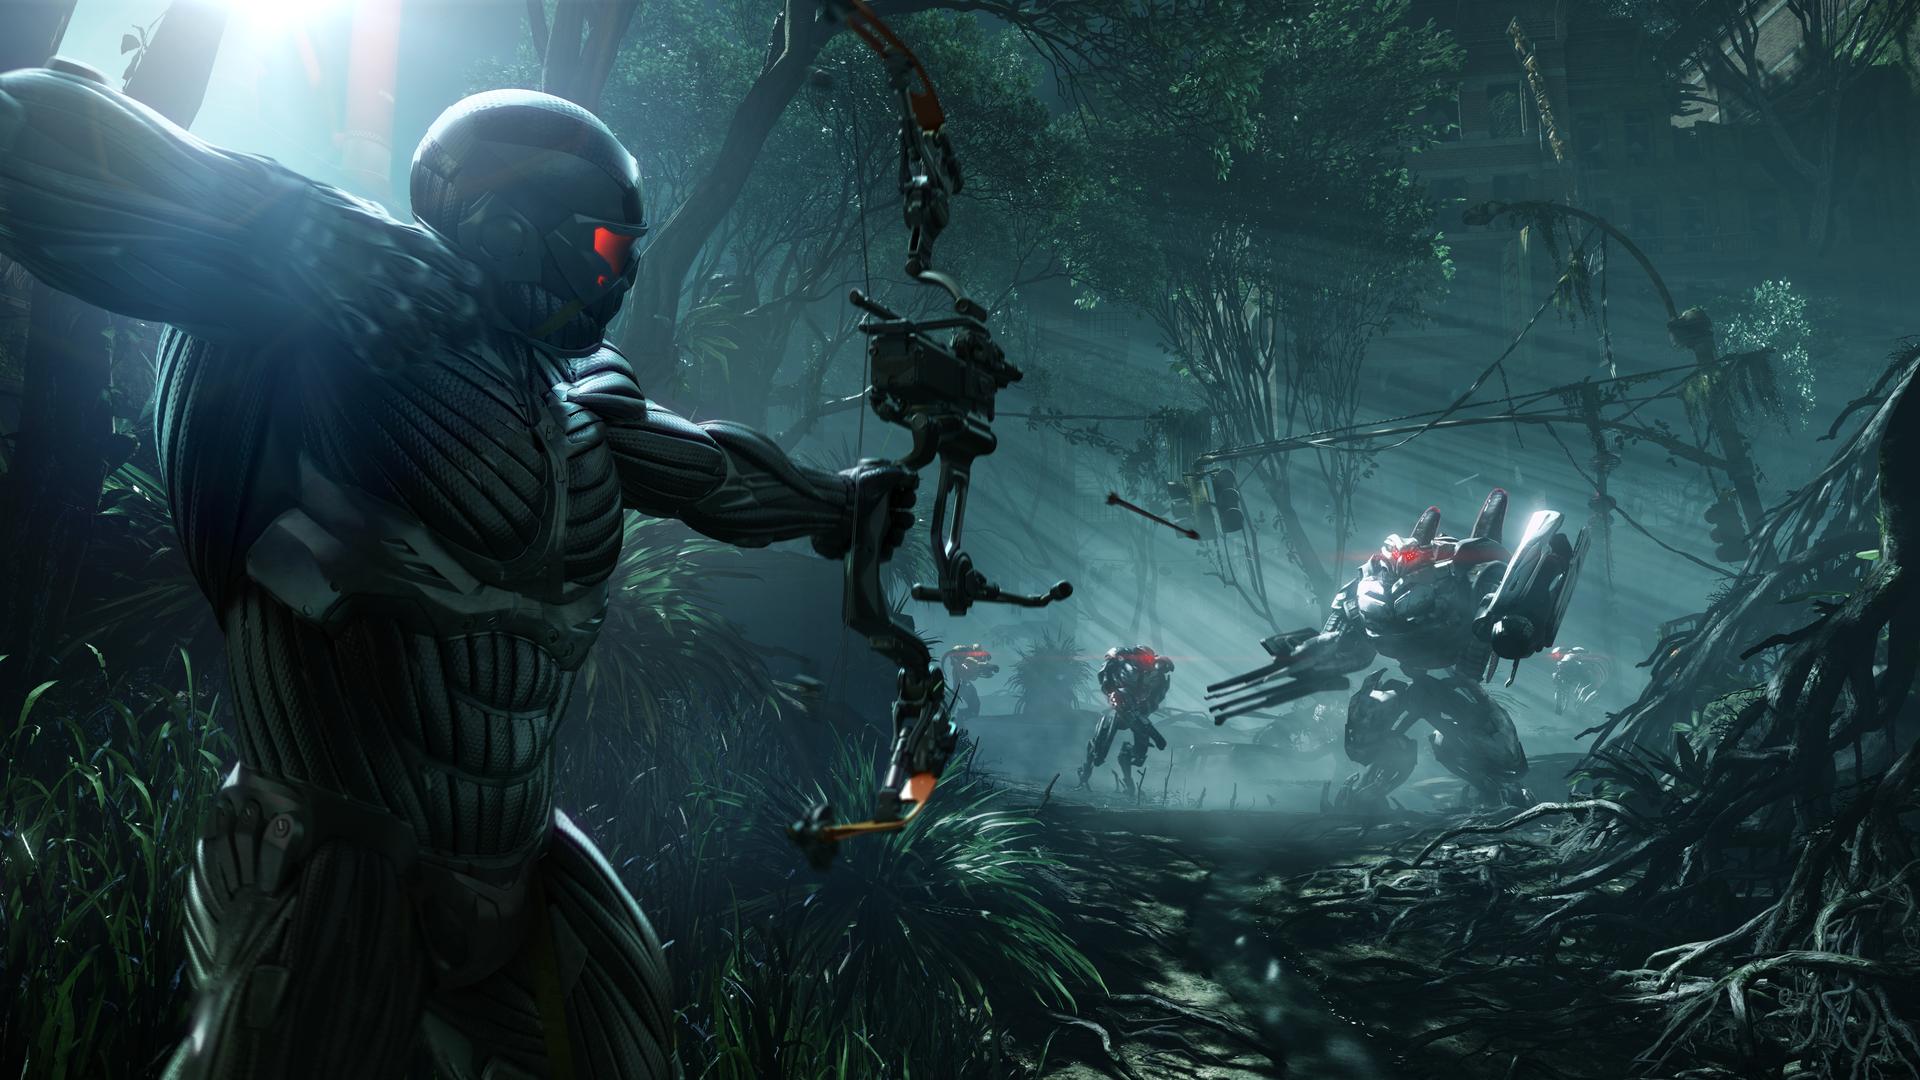 Crytek habr a firmado un acuerdo de licencia con amazon for Clausula suelo con acuerdo firmado